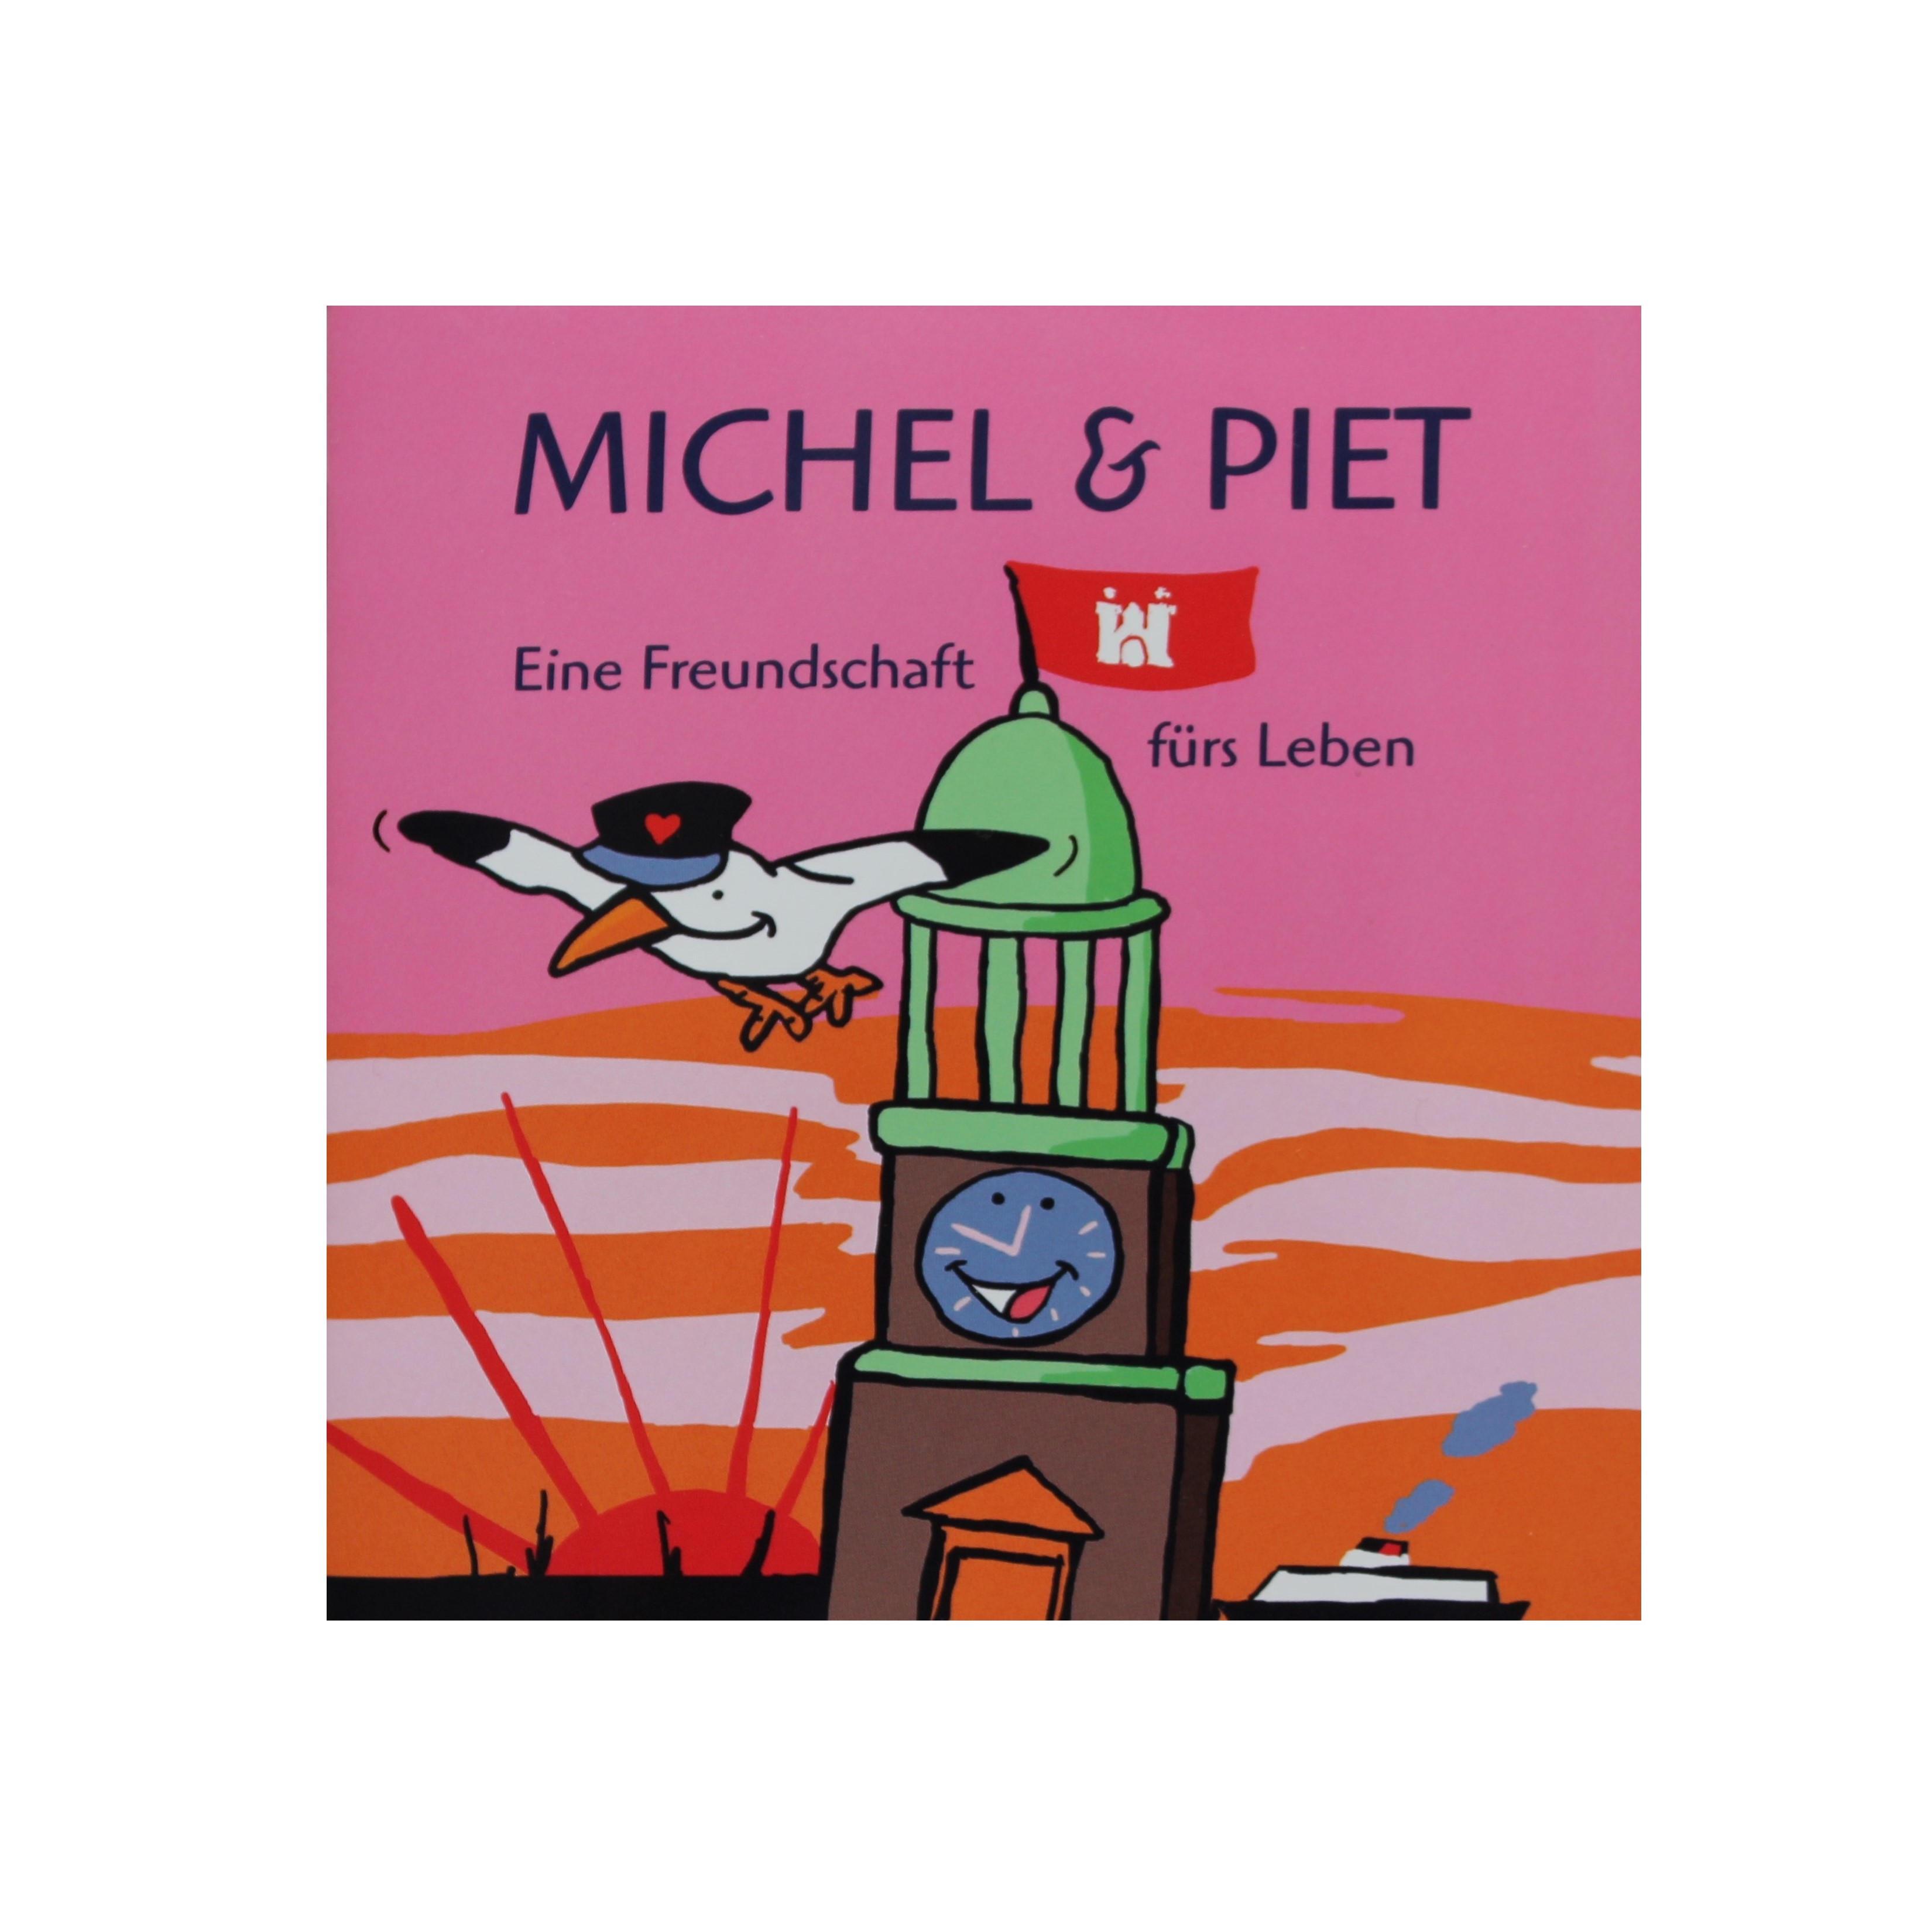 Michel & Piet Buch